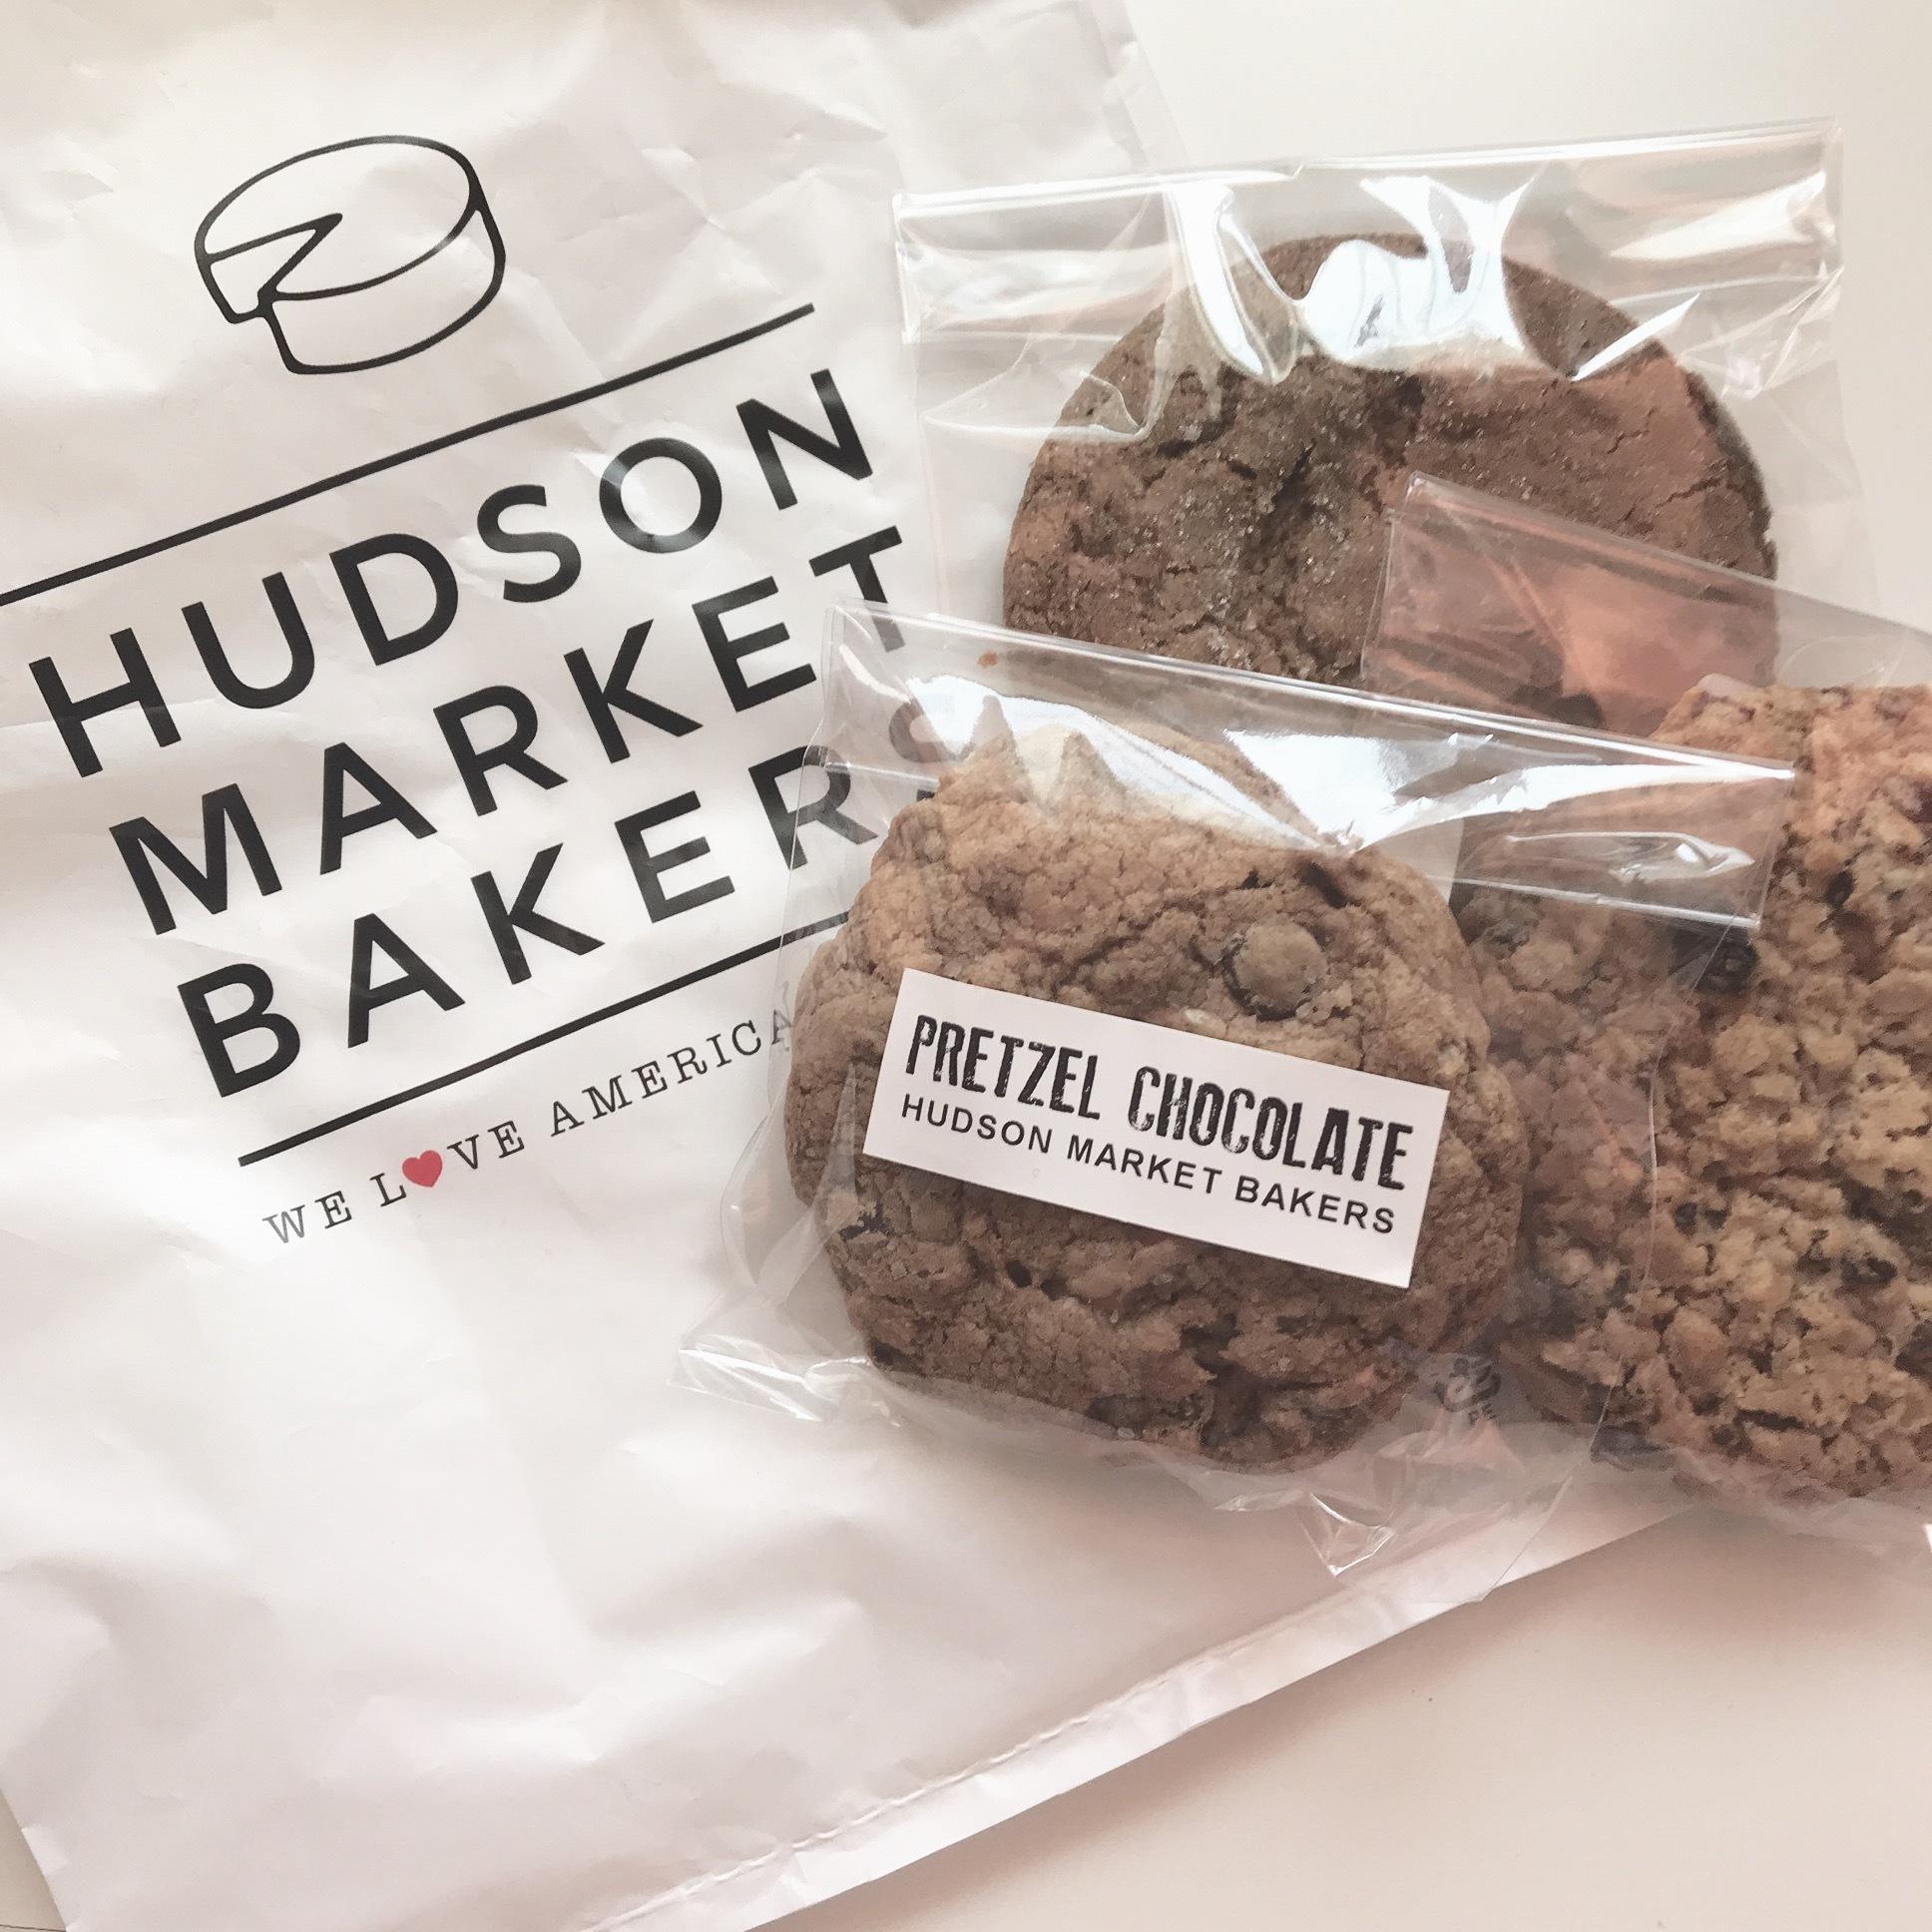 【麻布十番】アメリカンスイーツ専門店《HUDSON MARKET BAKERS》_1_3-2